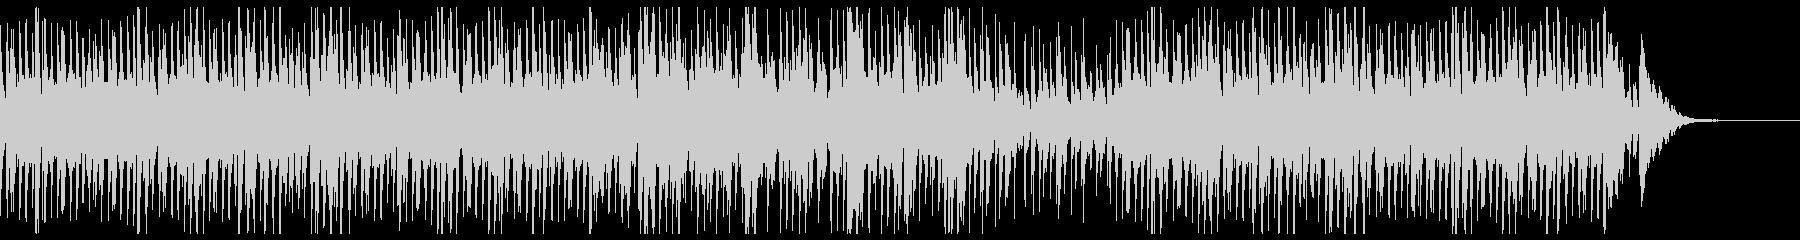 わくわくピアノトリオのクリスマス・ジャズの未再生の波形